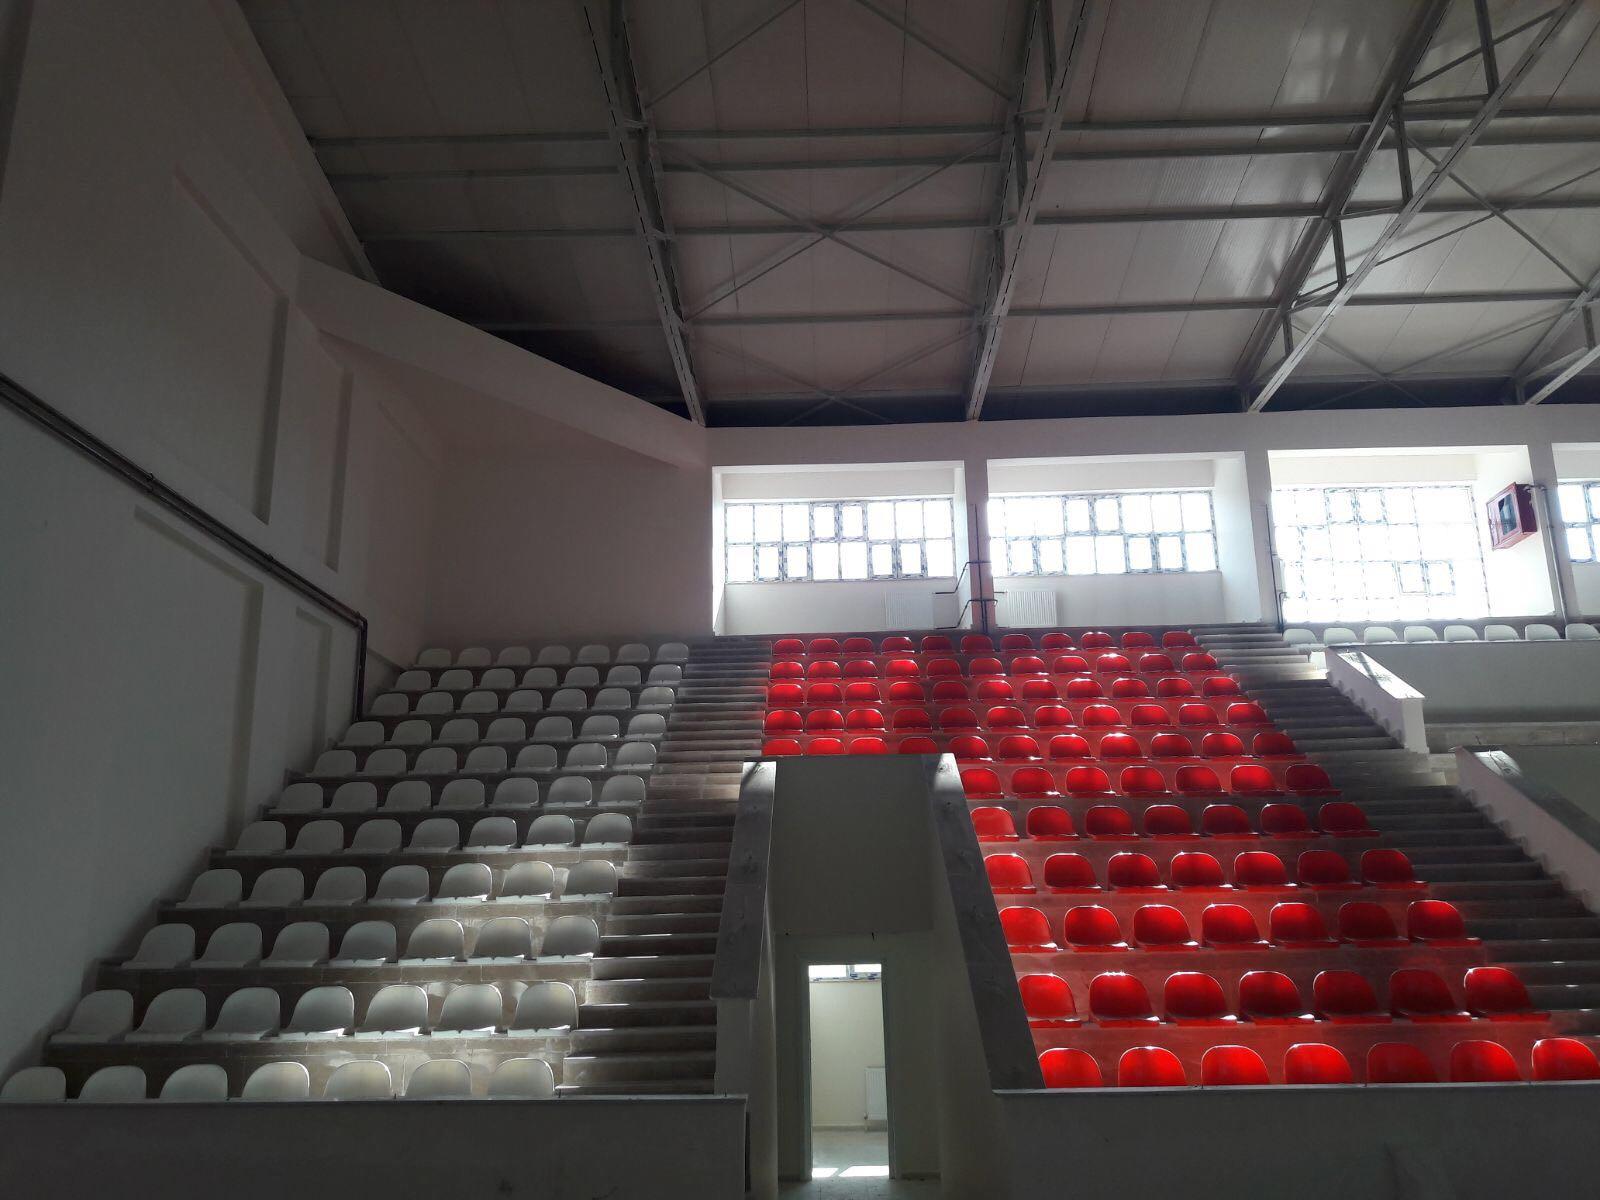 Ordu kumru spor salonu tribün koltuğu teslim edilmiştir